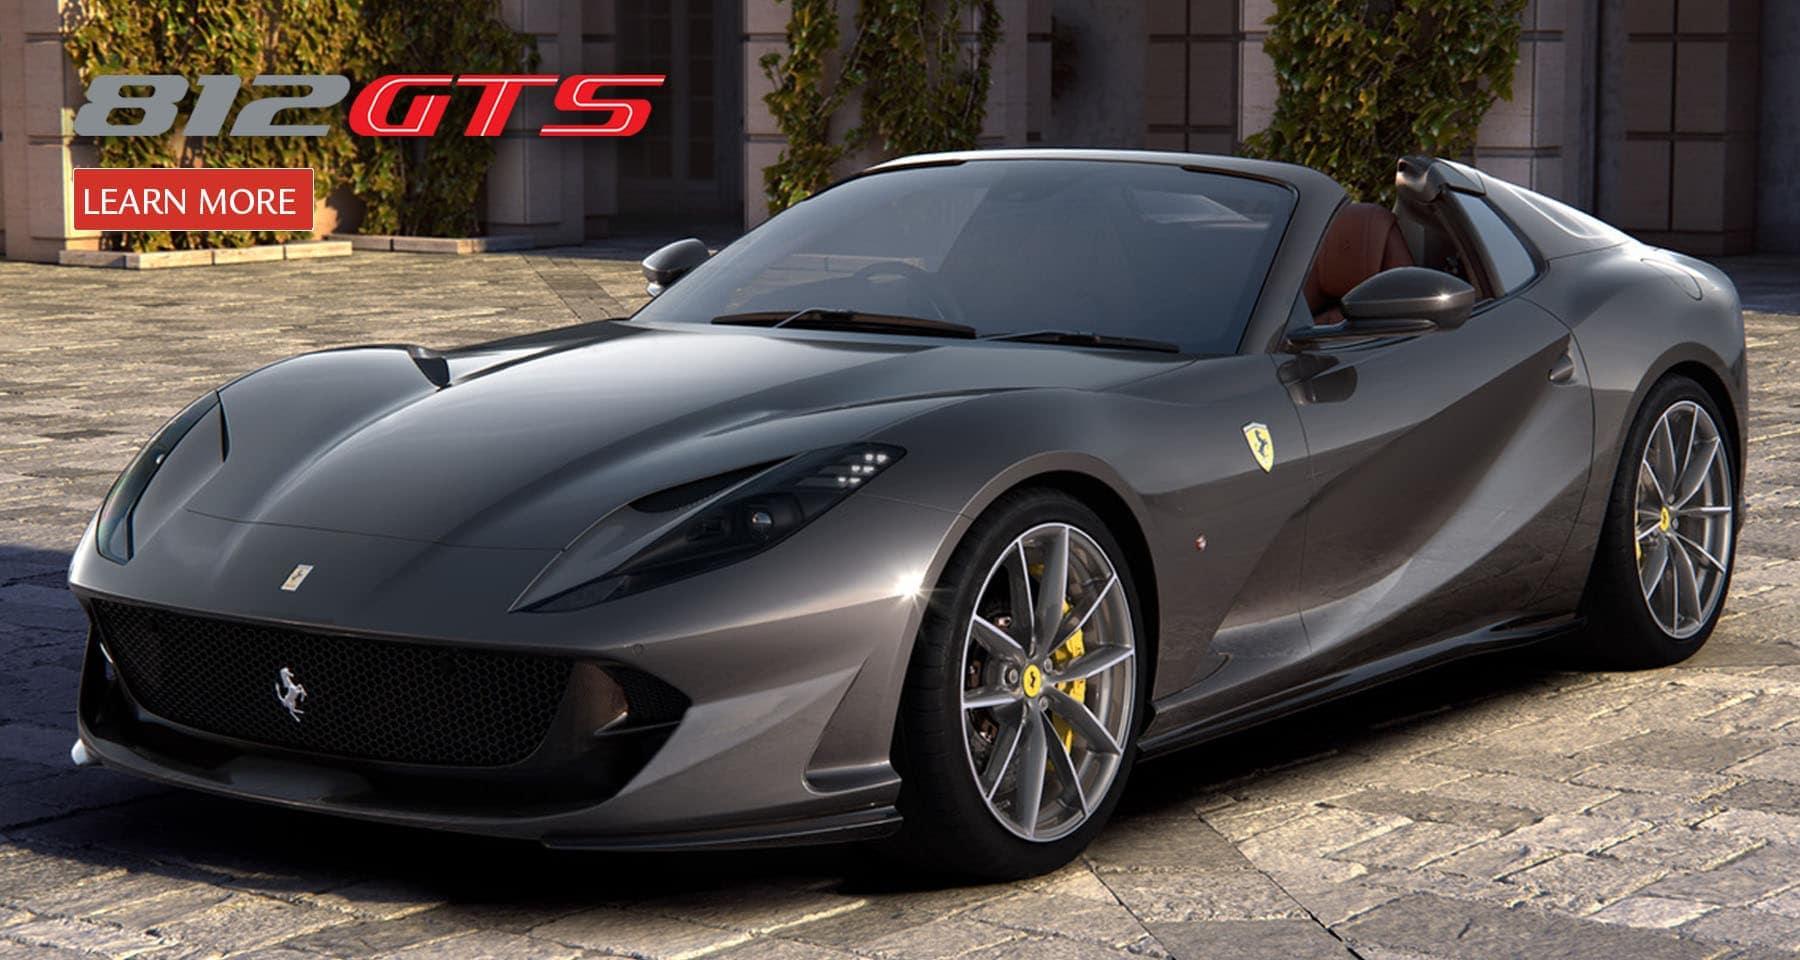 Ferrari Of Palm Beach Ferrari Dealer Serving Boca Raton Fl